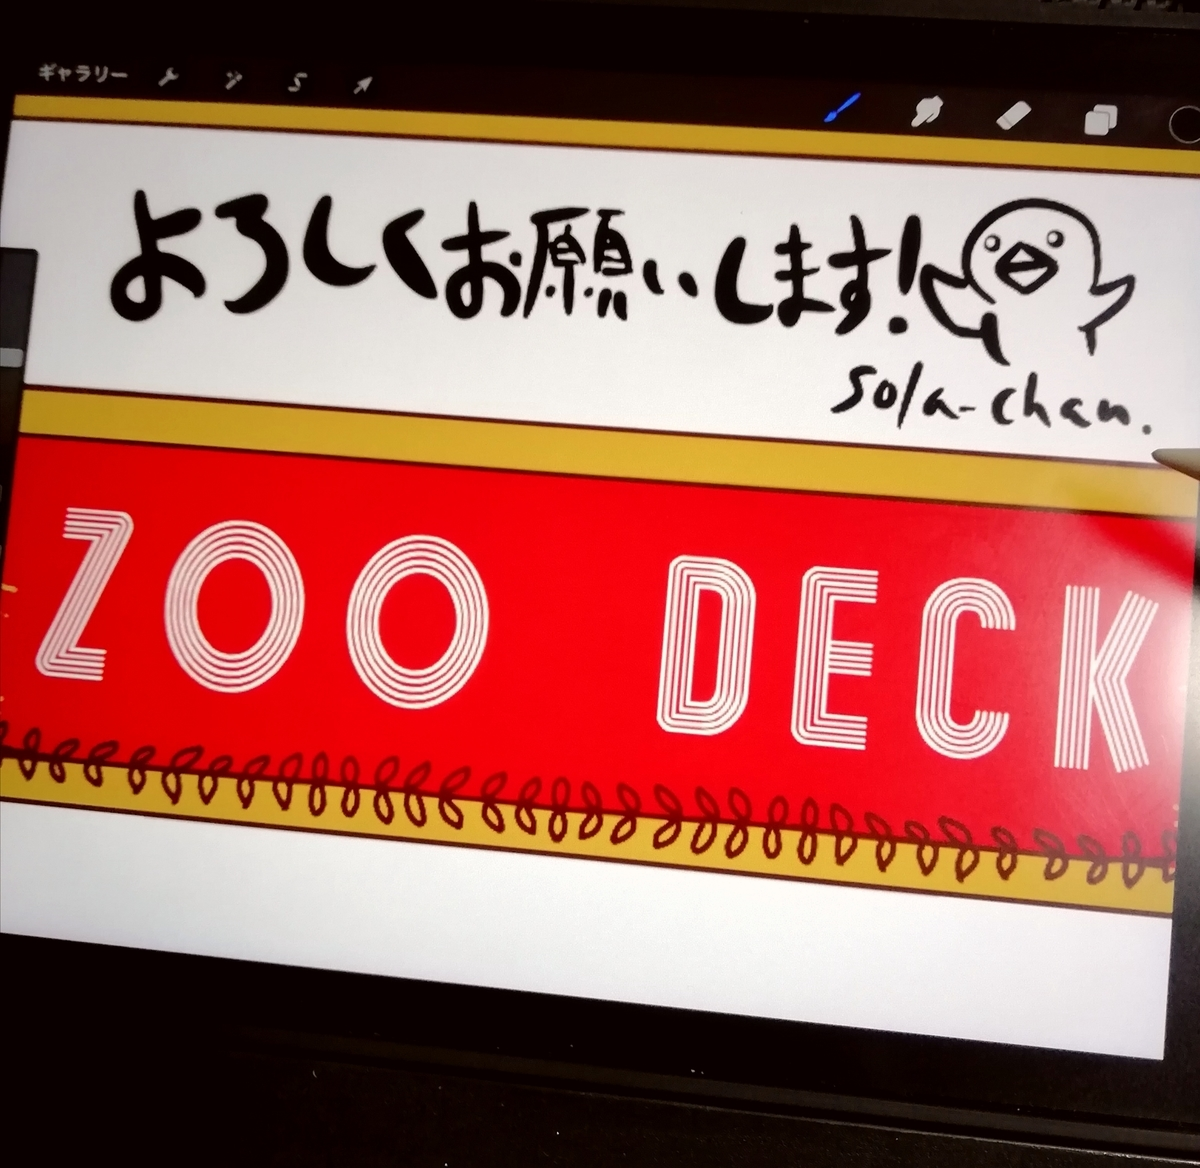 f:id:sola-chan:20201202164042j:plain